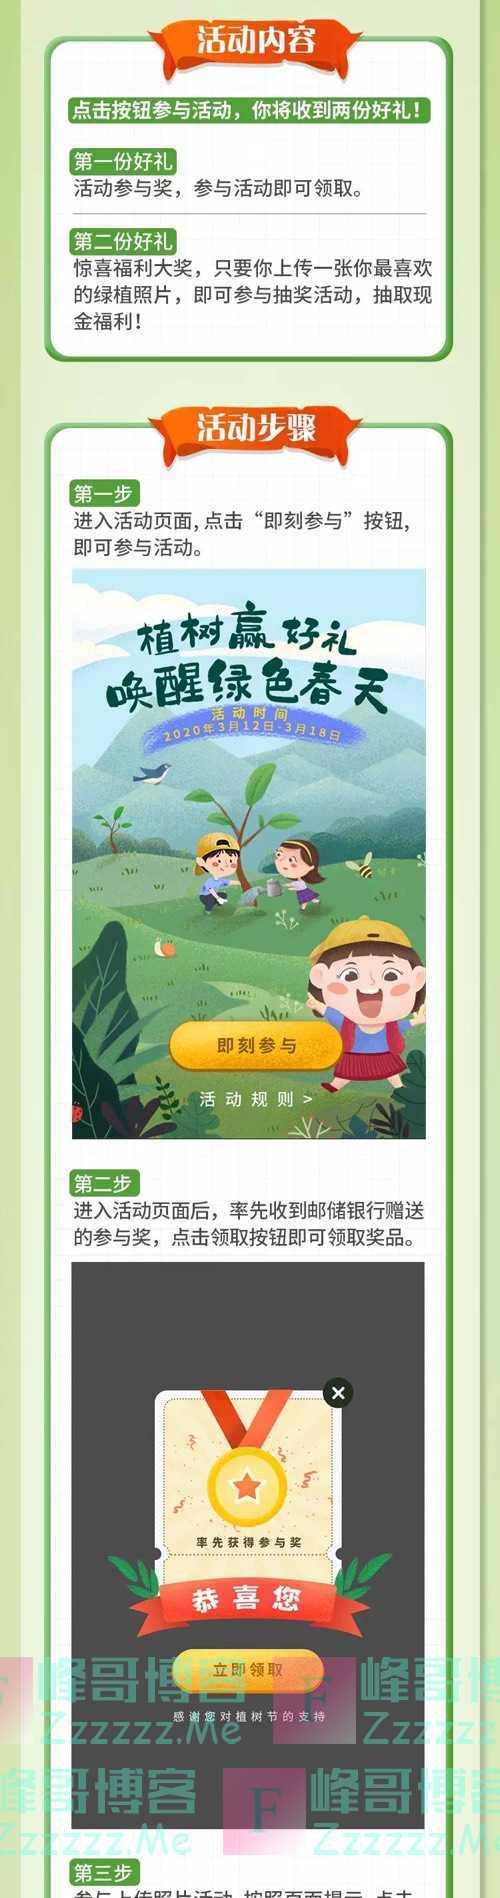 邮储银行北京分行植树赢好礼(3月18日截止)